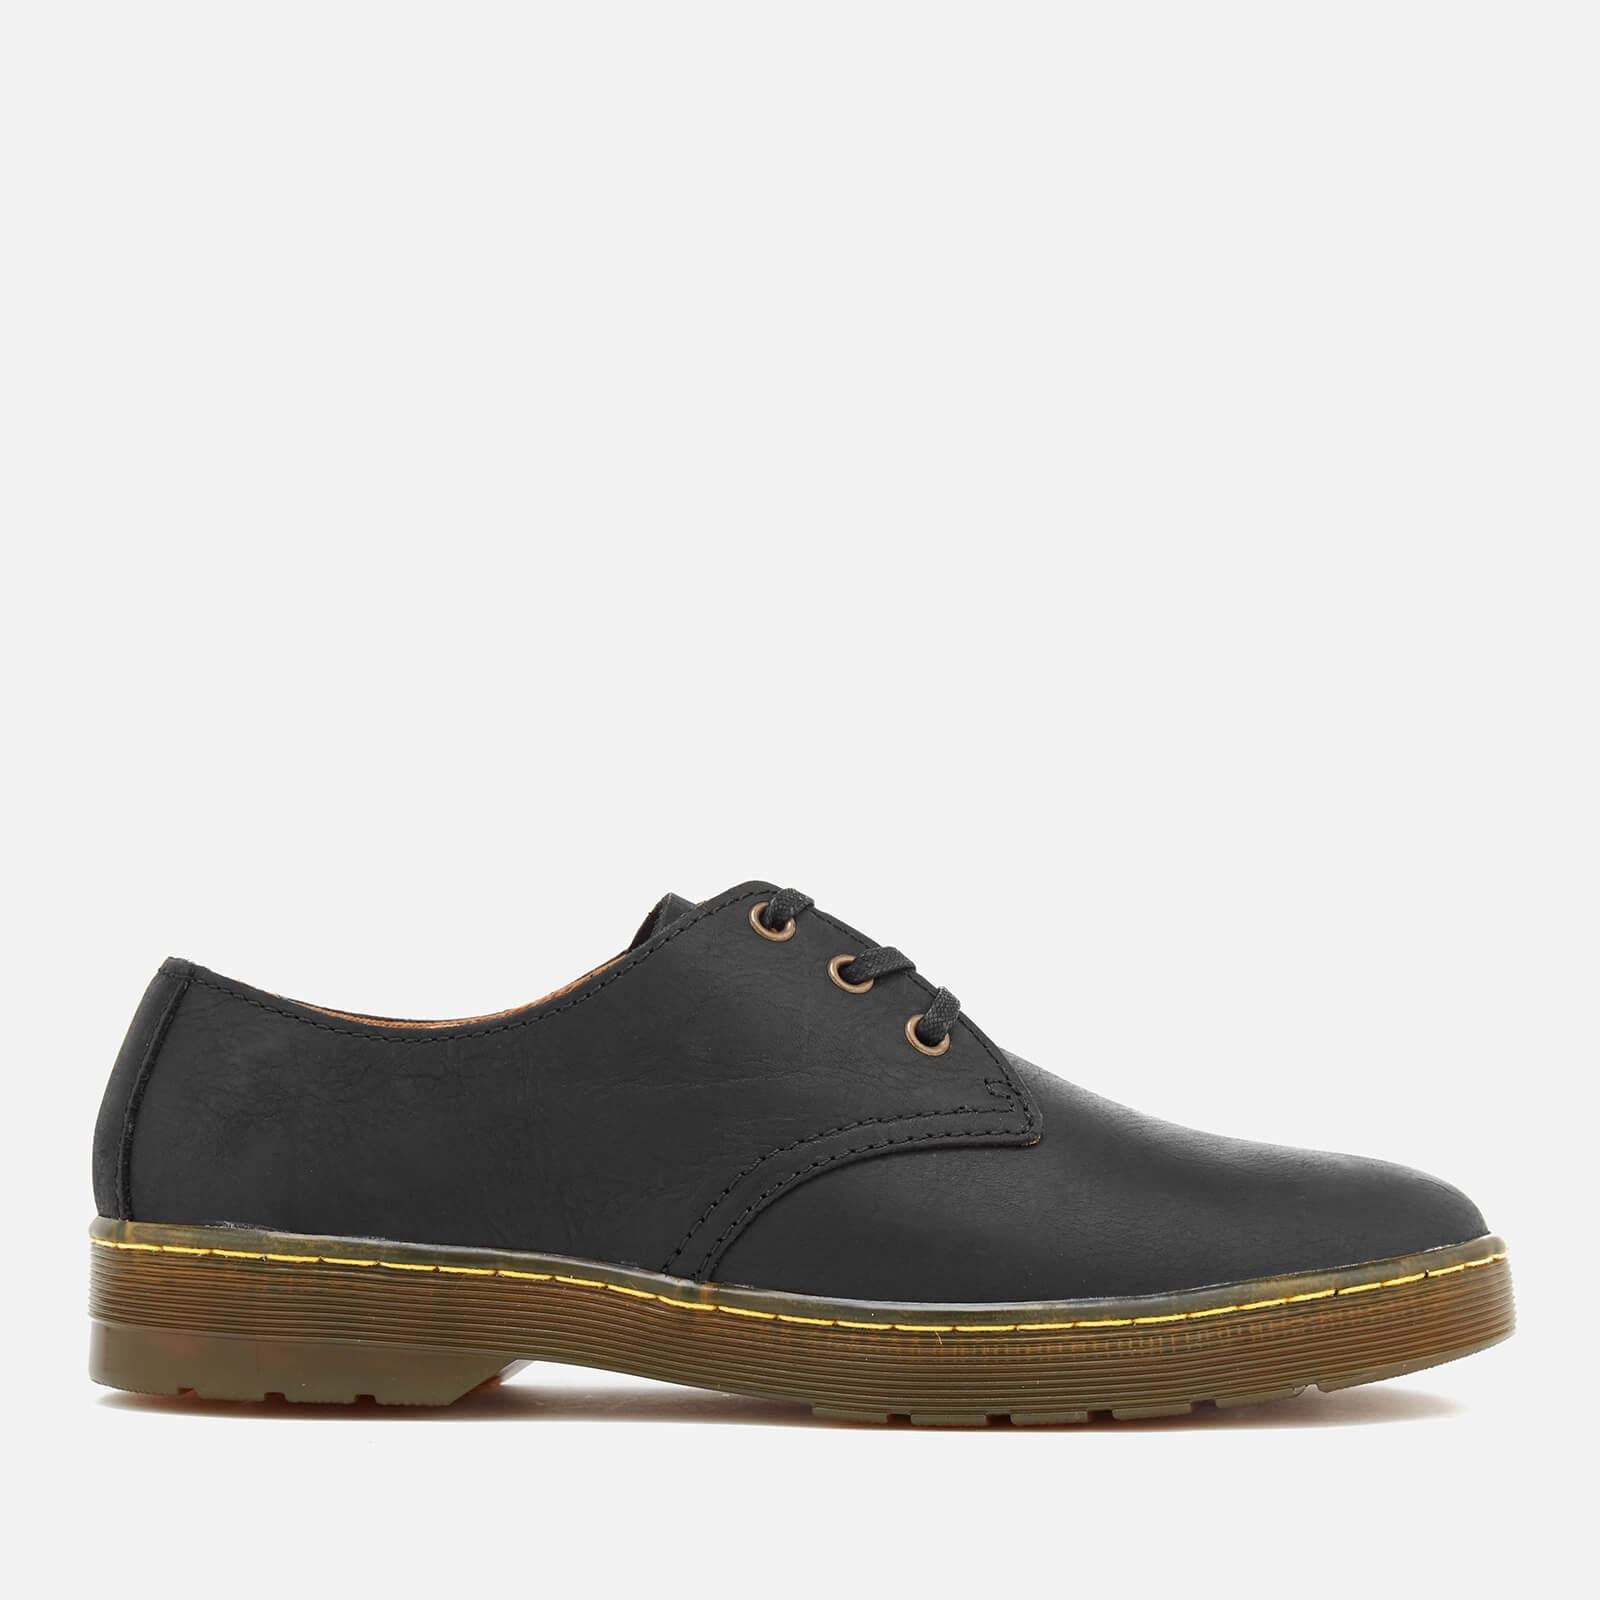 Dr. Martens Men's Cruise Coronado Leather Derby Shoes - Black - UK 8 - Black